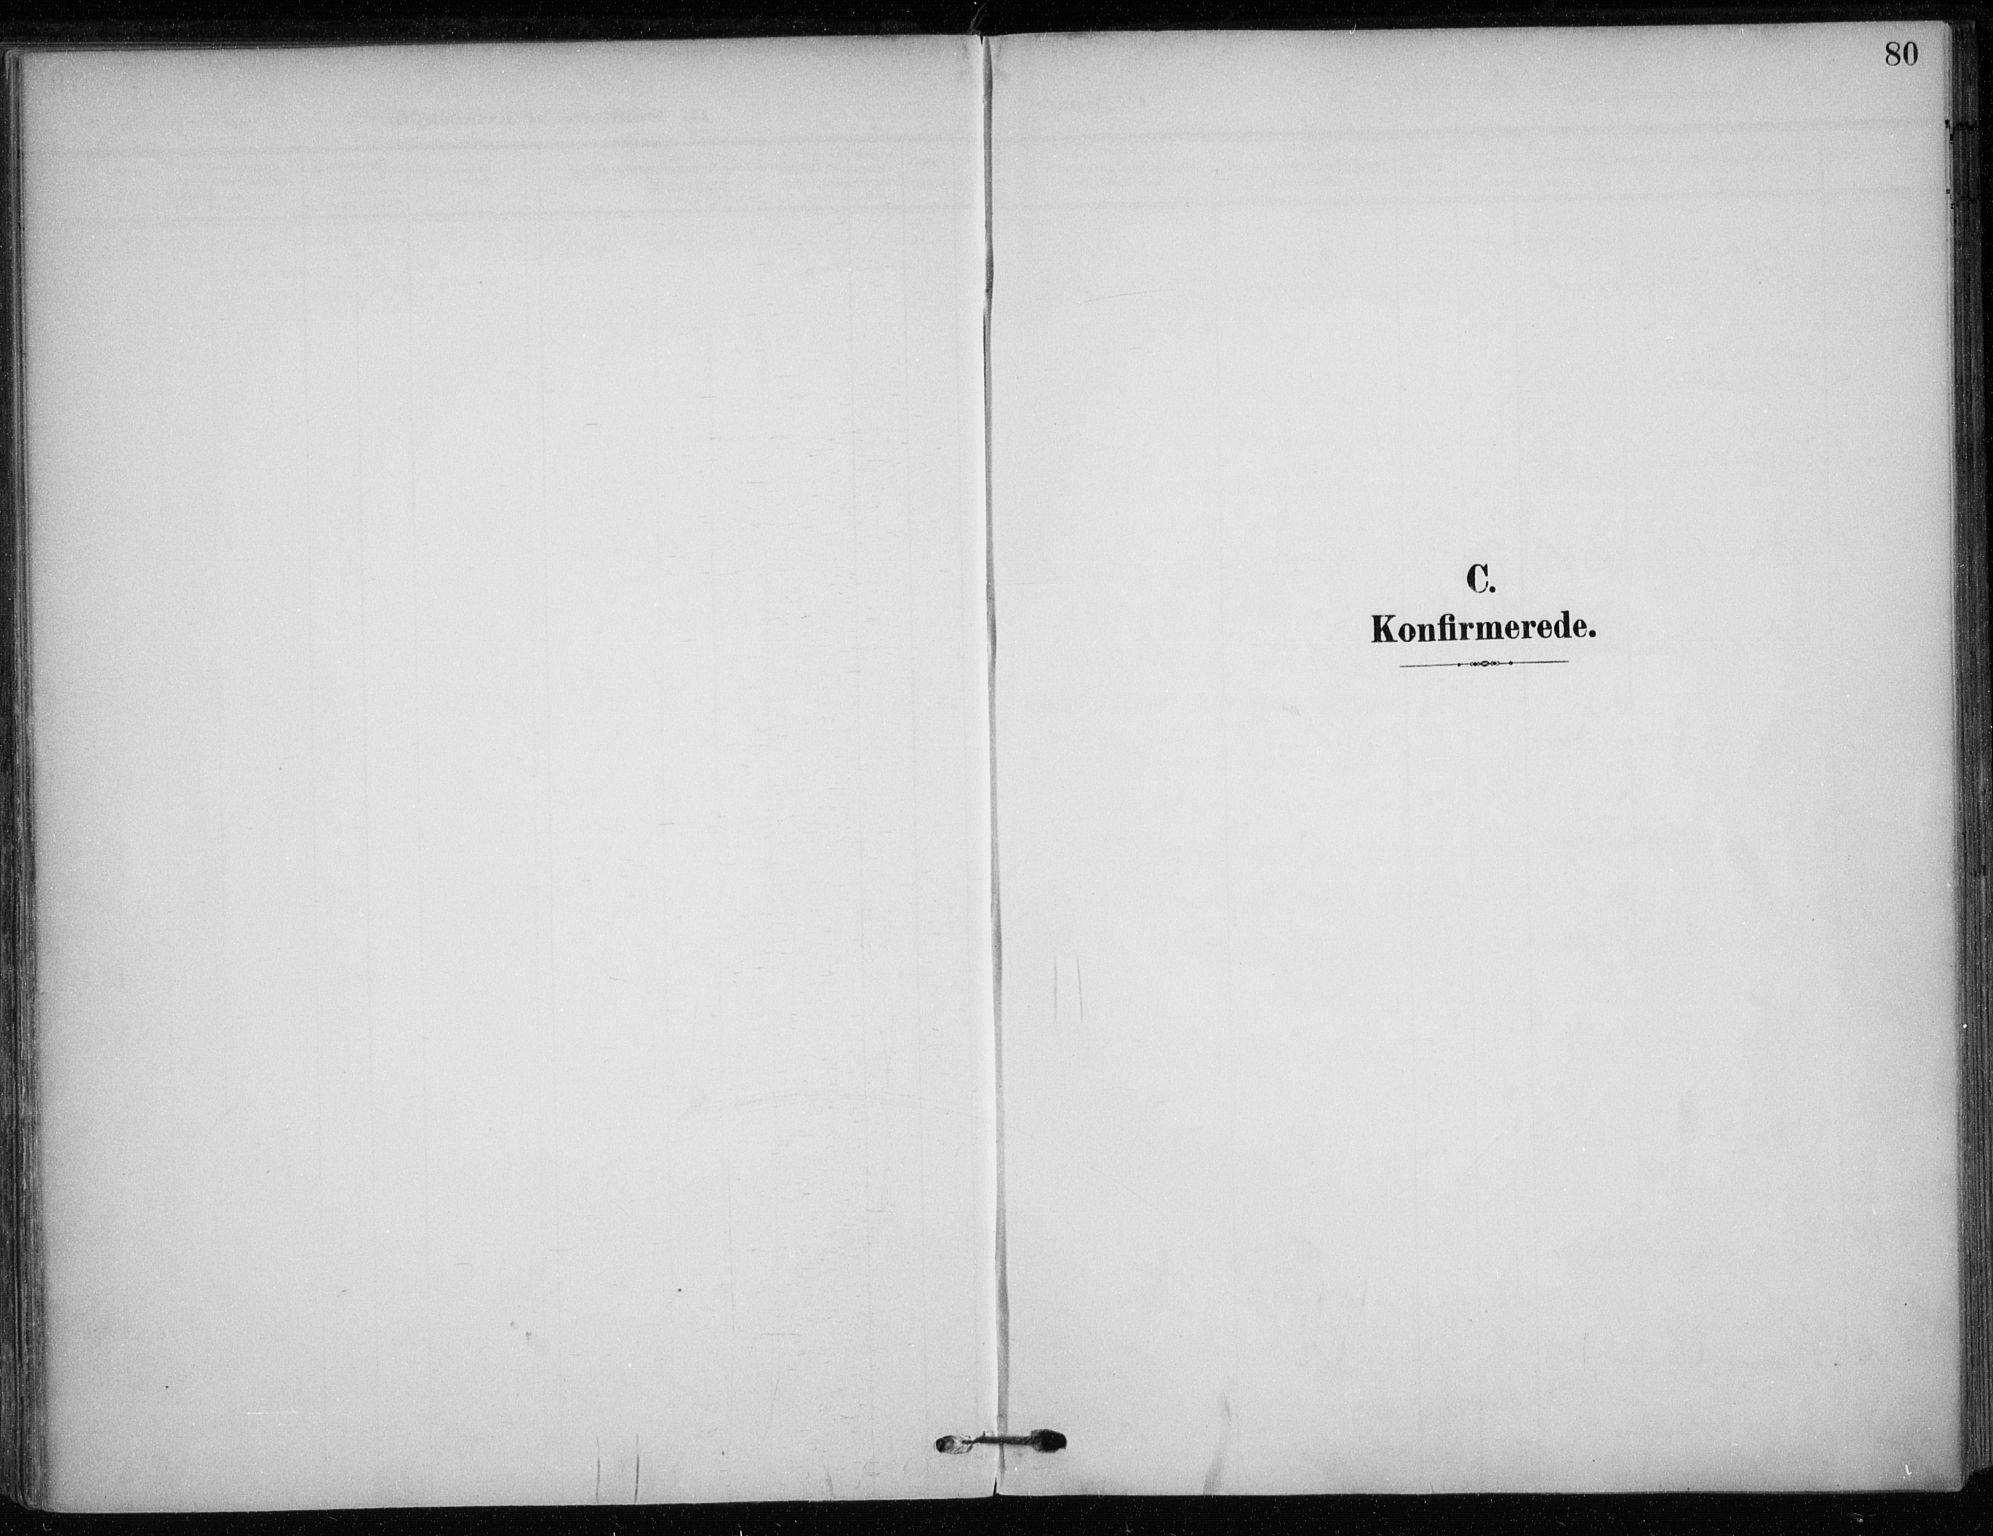 SATØ, Hammerfest sokneprestkontor, H/Ha/L0014.kirke: Ministerialbok nr. 14, 1906-1916, s. 80